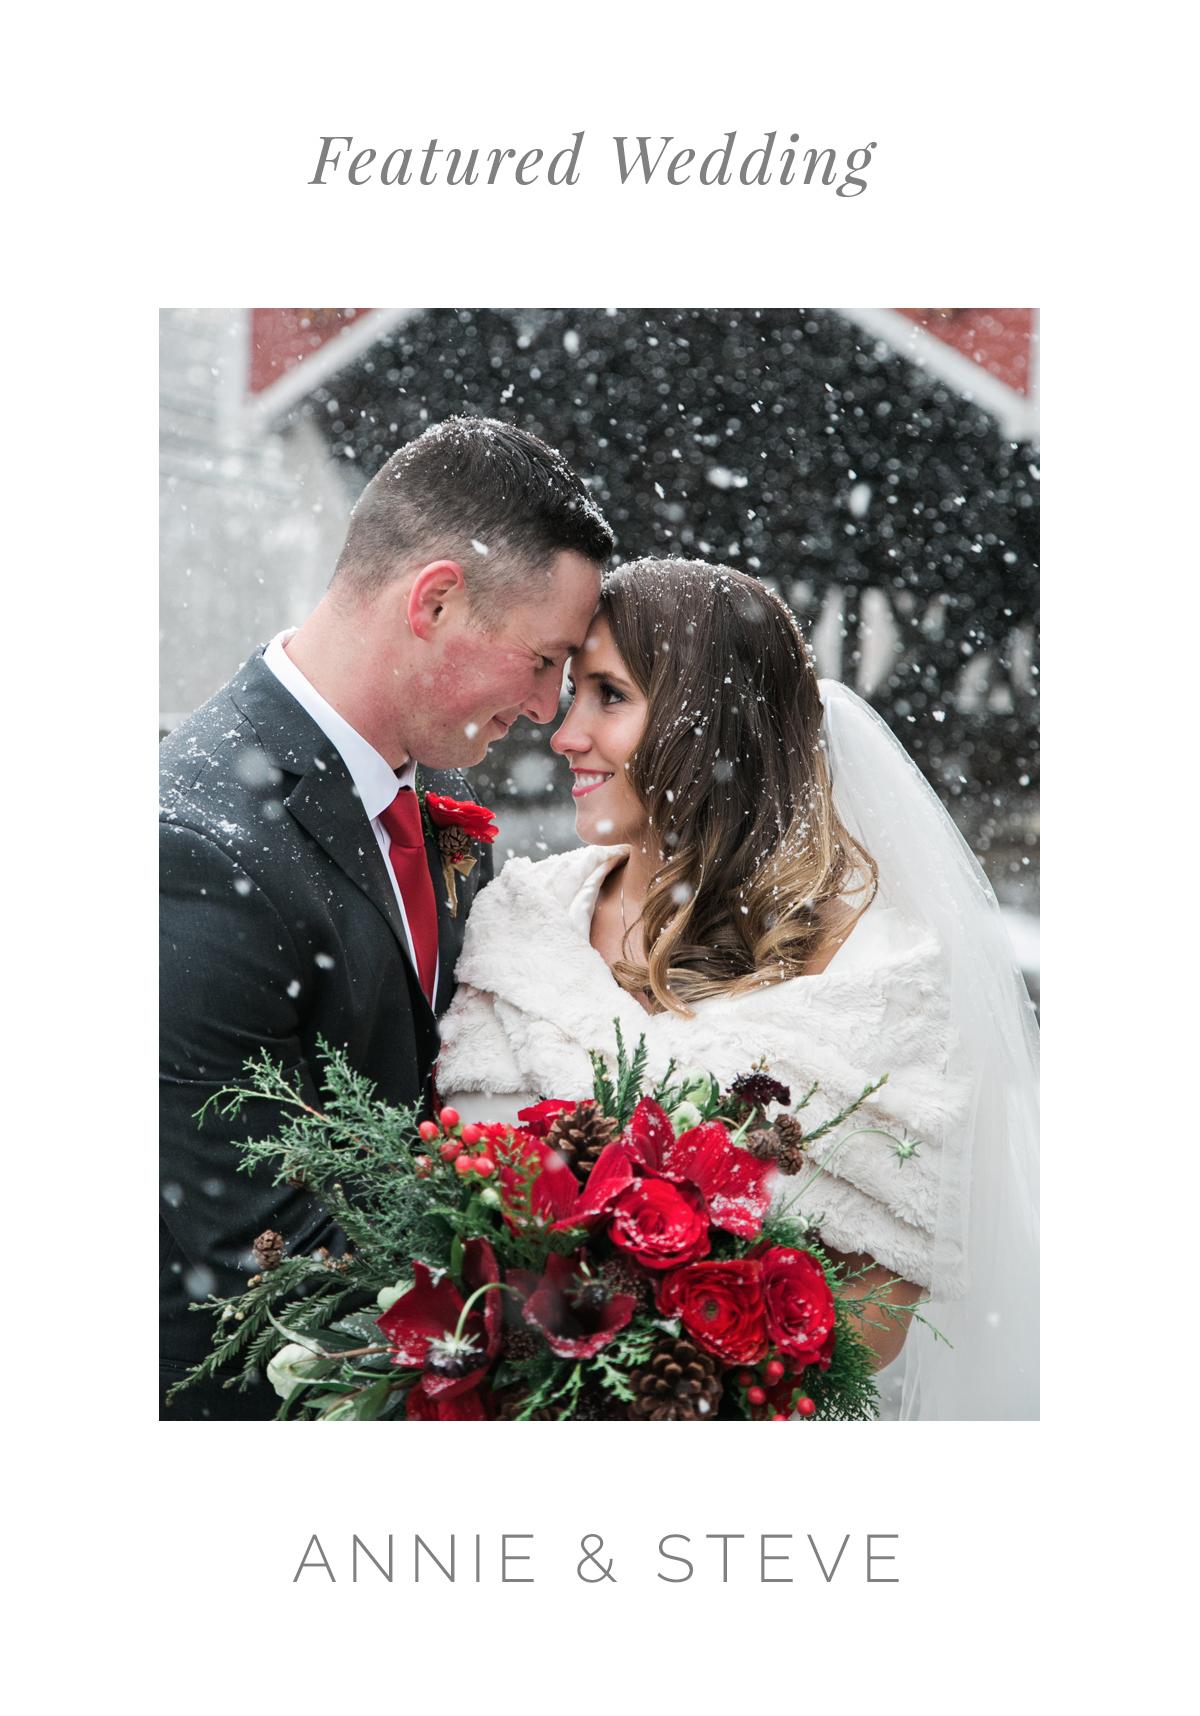 featured wedding button6.jpg